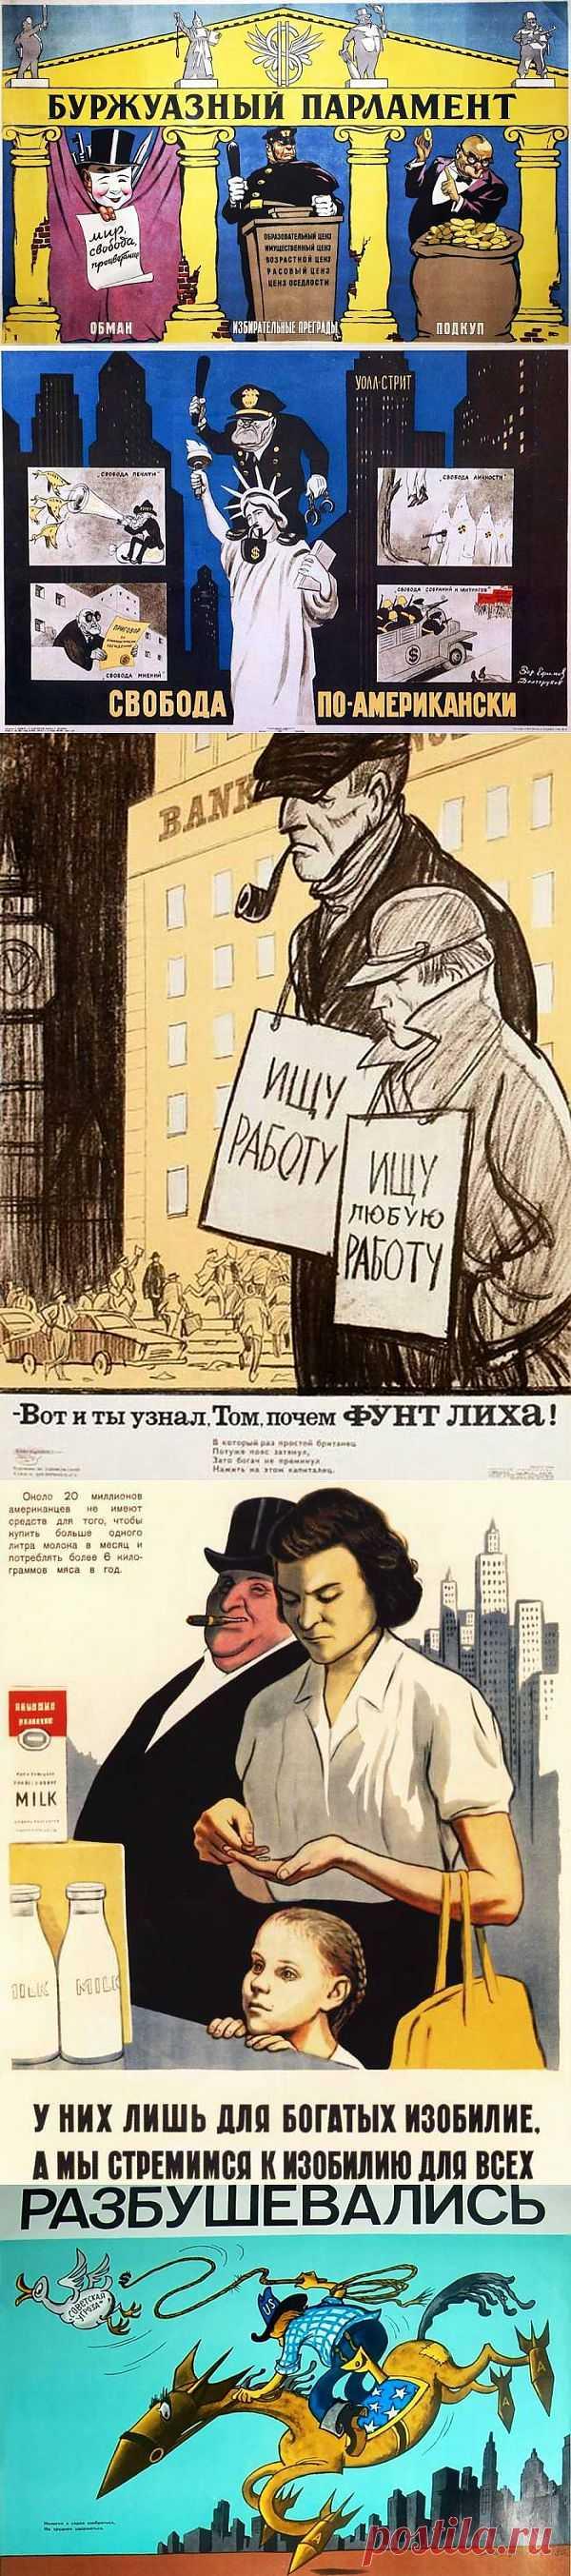 ФотоТелеграф » Советские антиамериканские плакаты 1950-х – 80-х годов